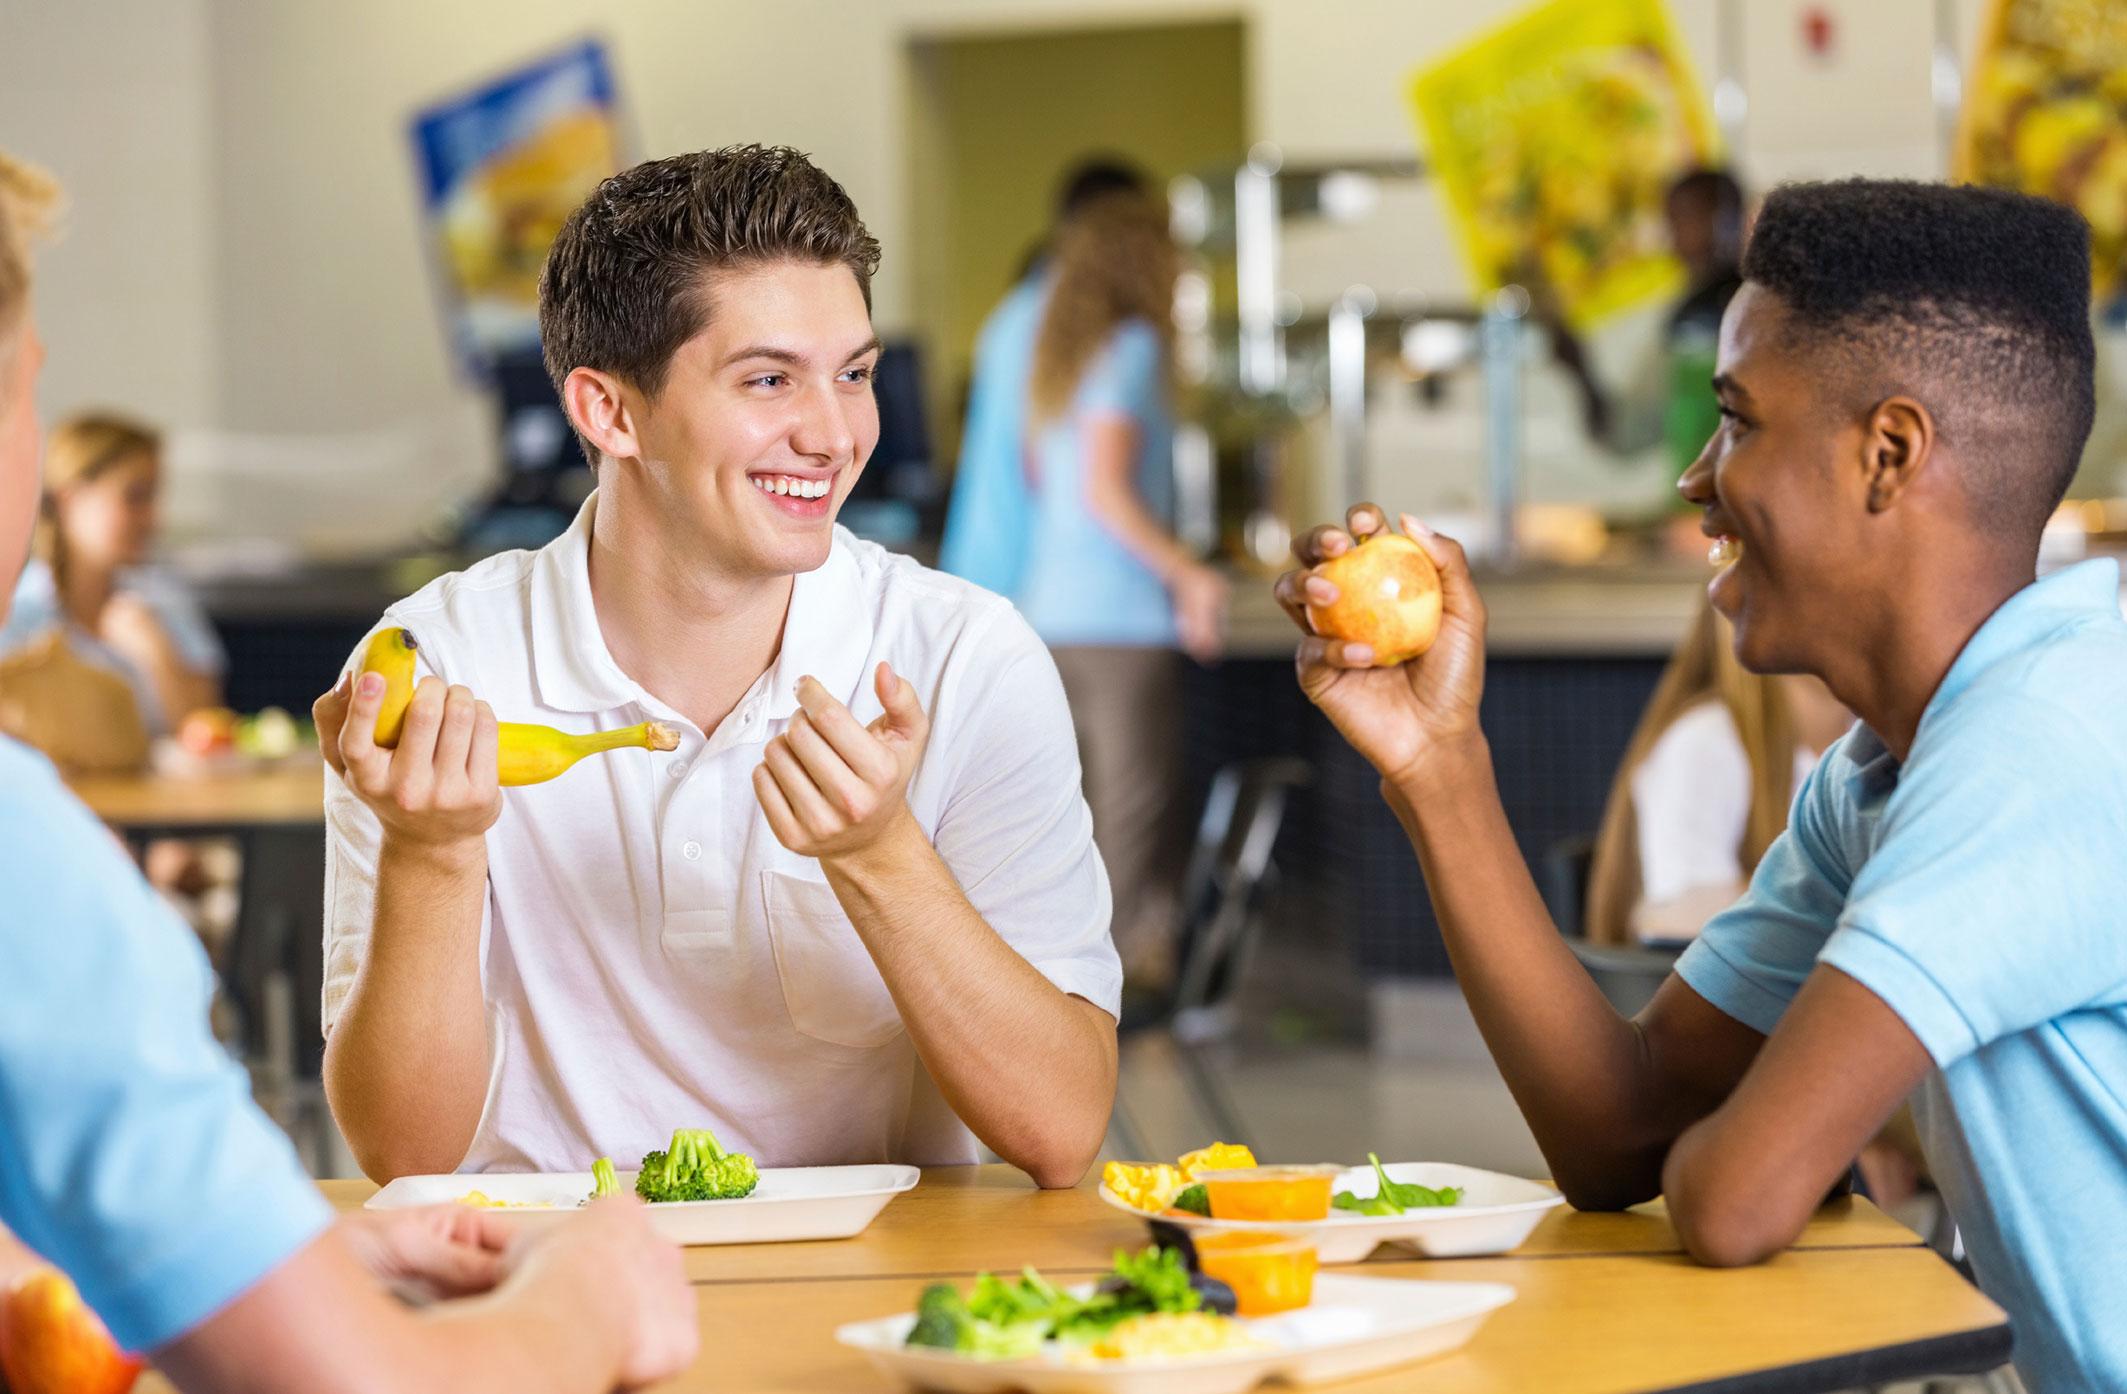 HS-Boys-enjoying-lunch